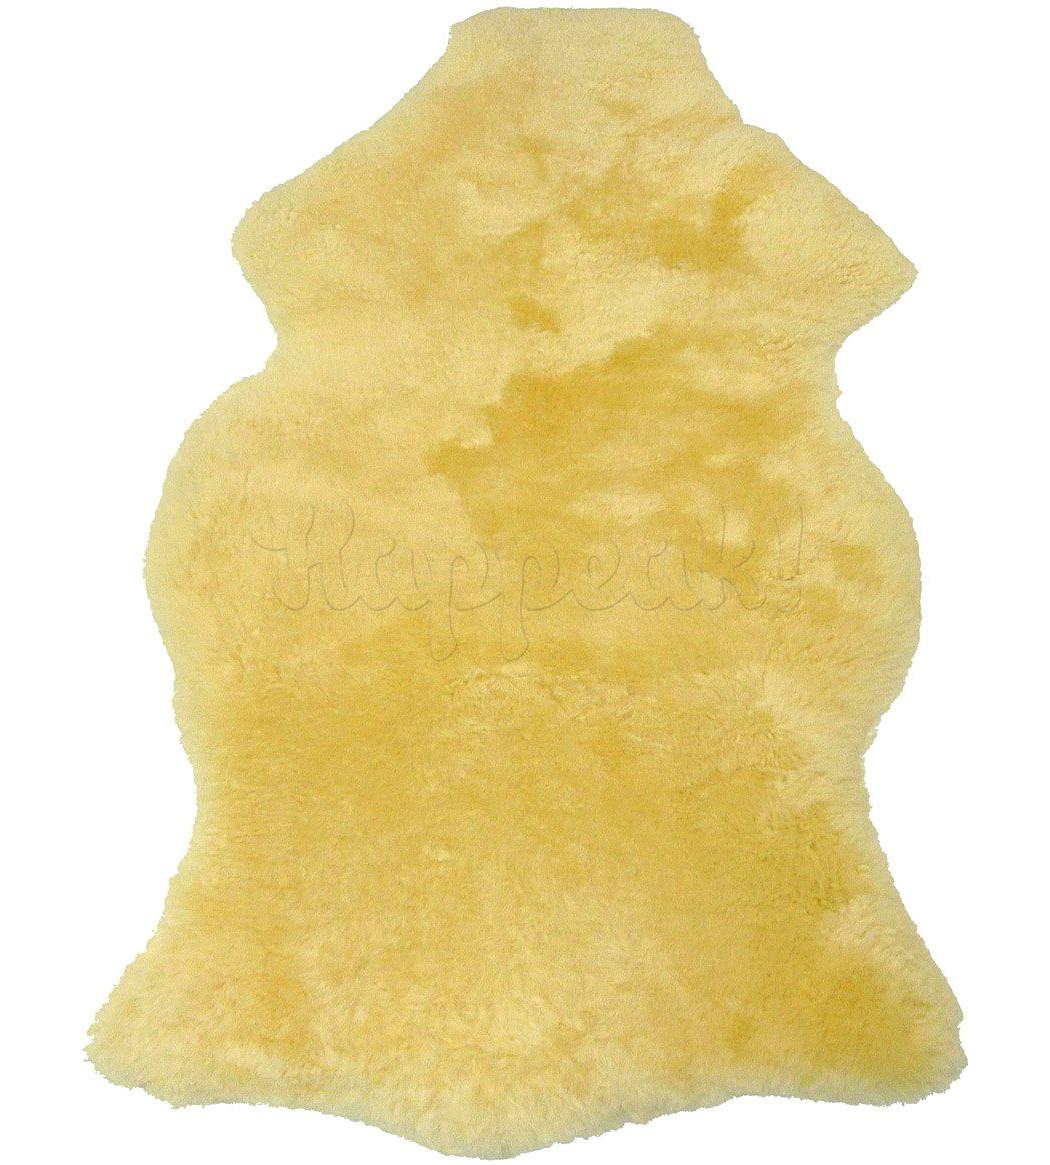 Шкурка-пеленка из шкуры ягненка kaiser 80-90 см (кайзер)